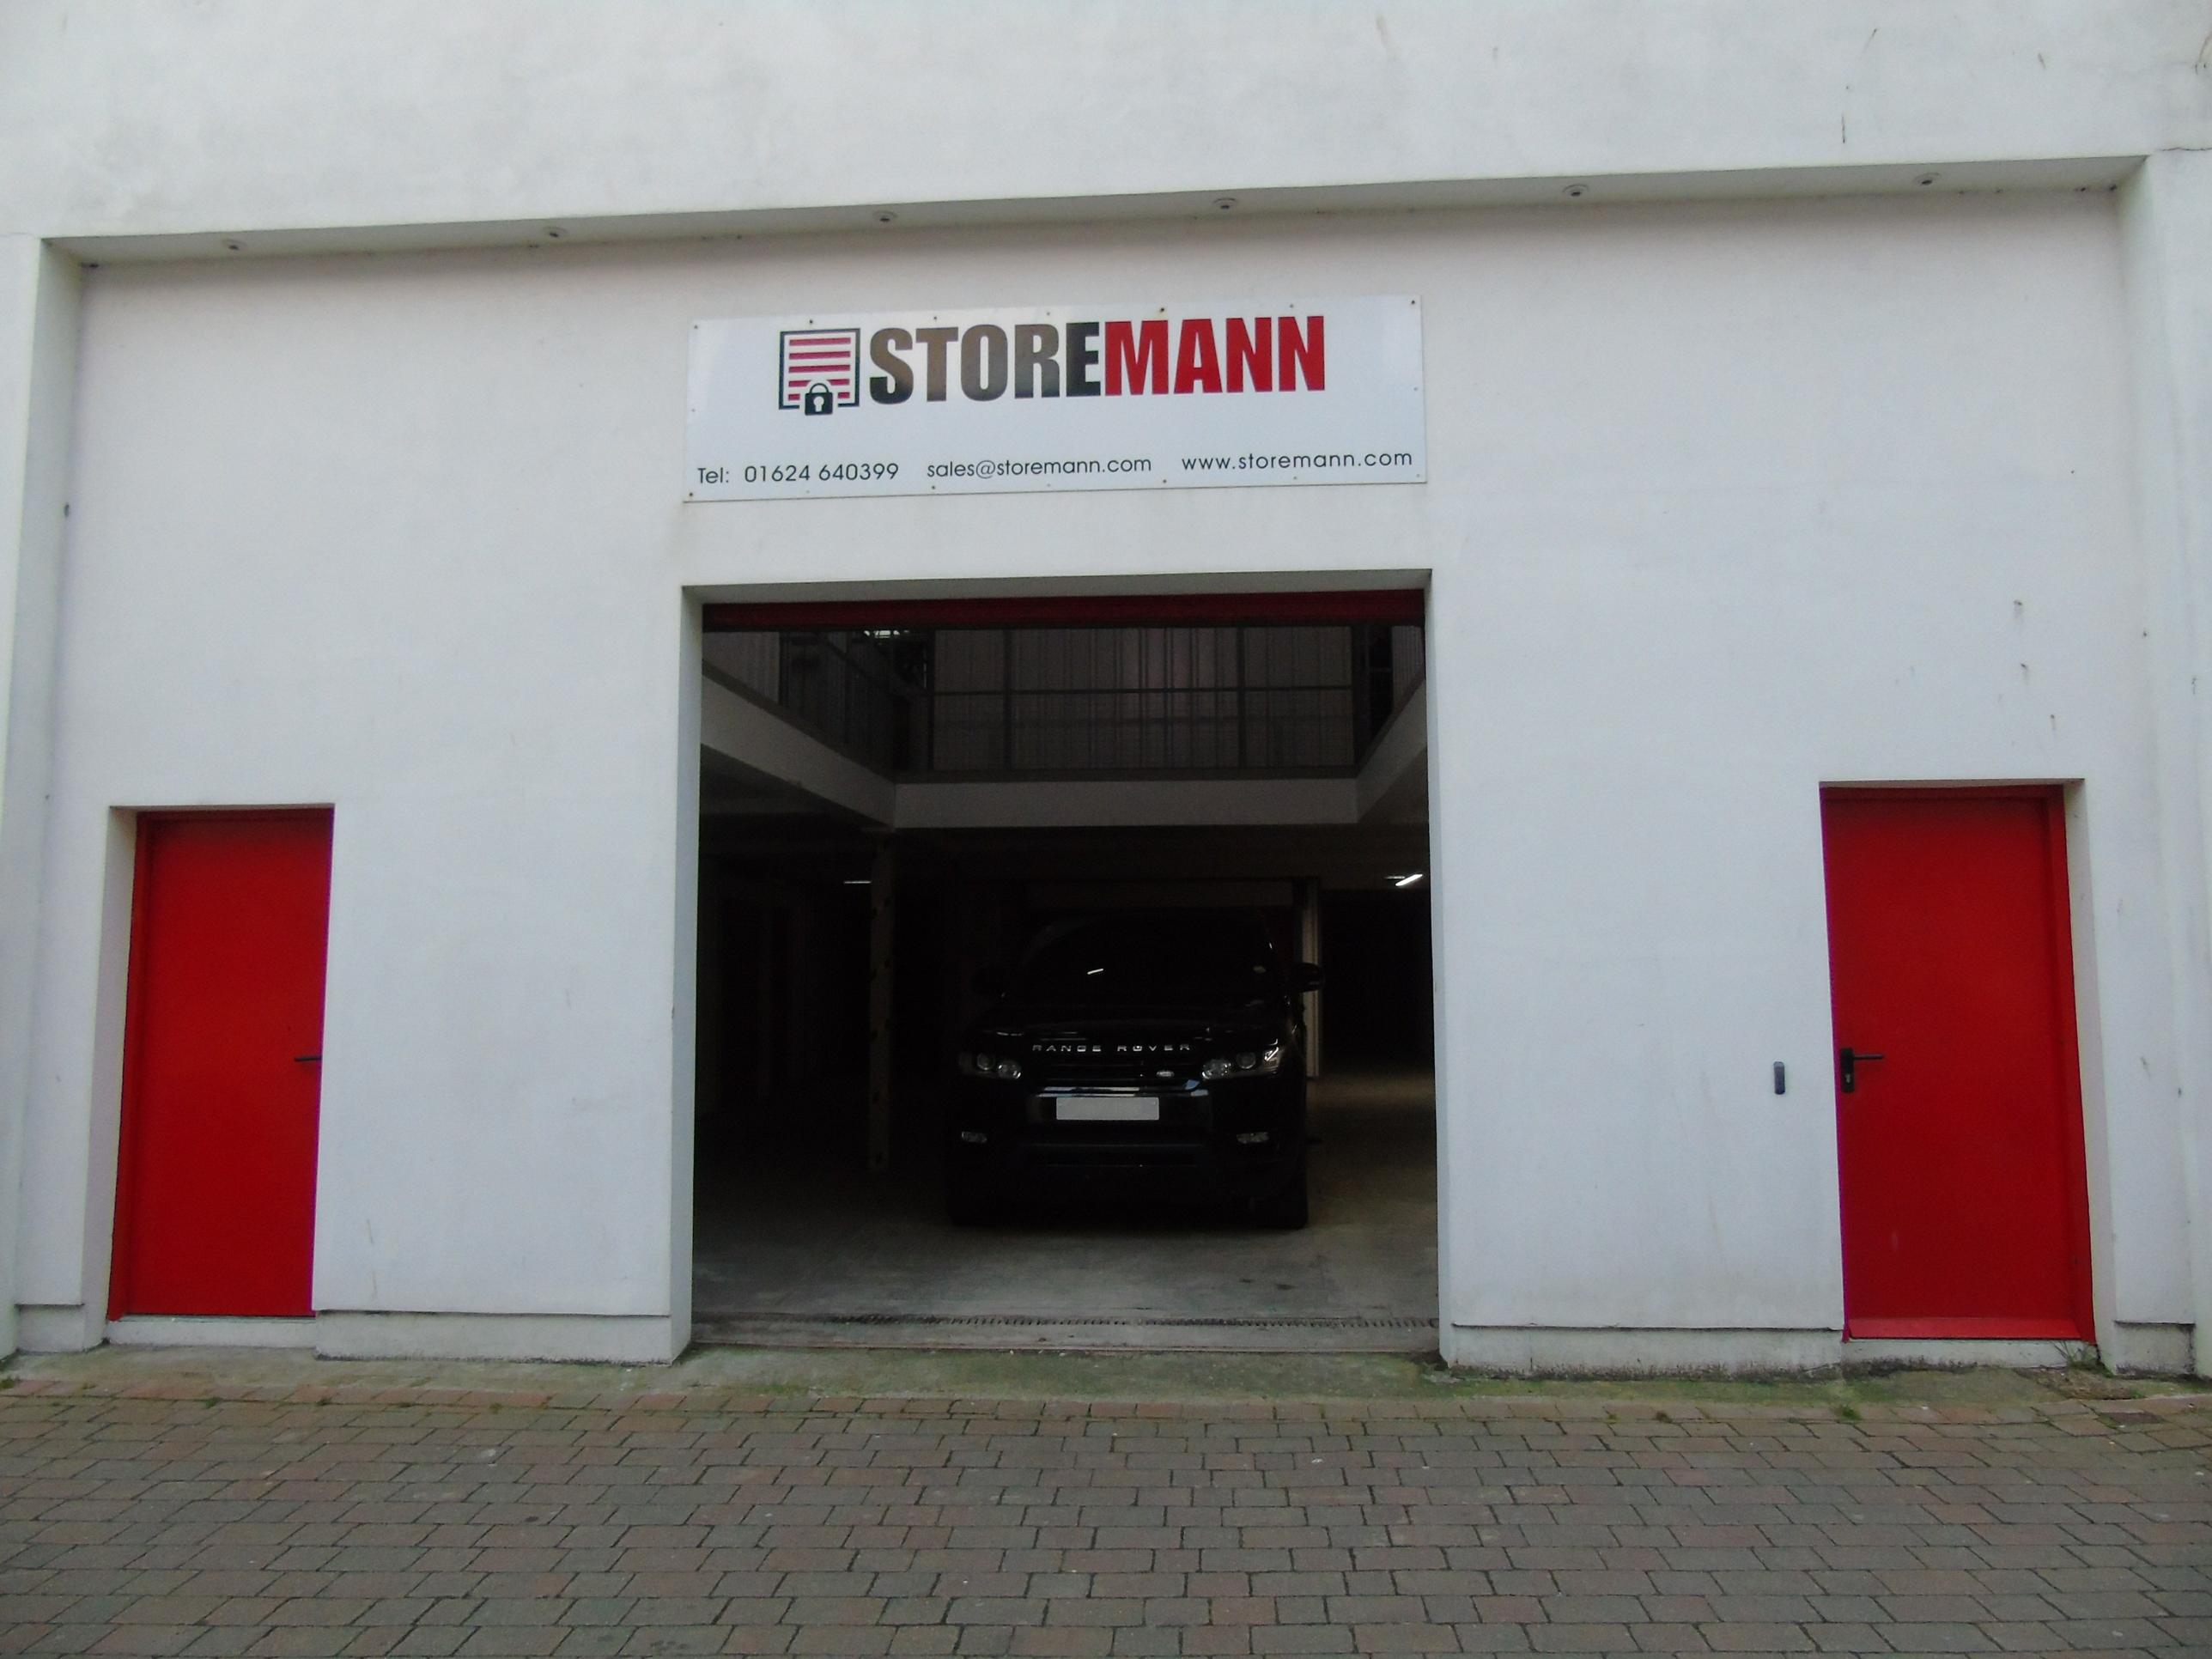 STOREMANN 4 - sm